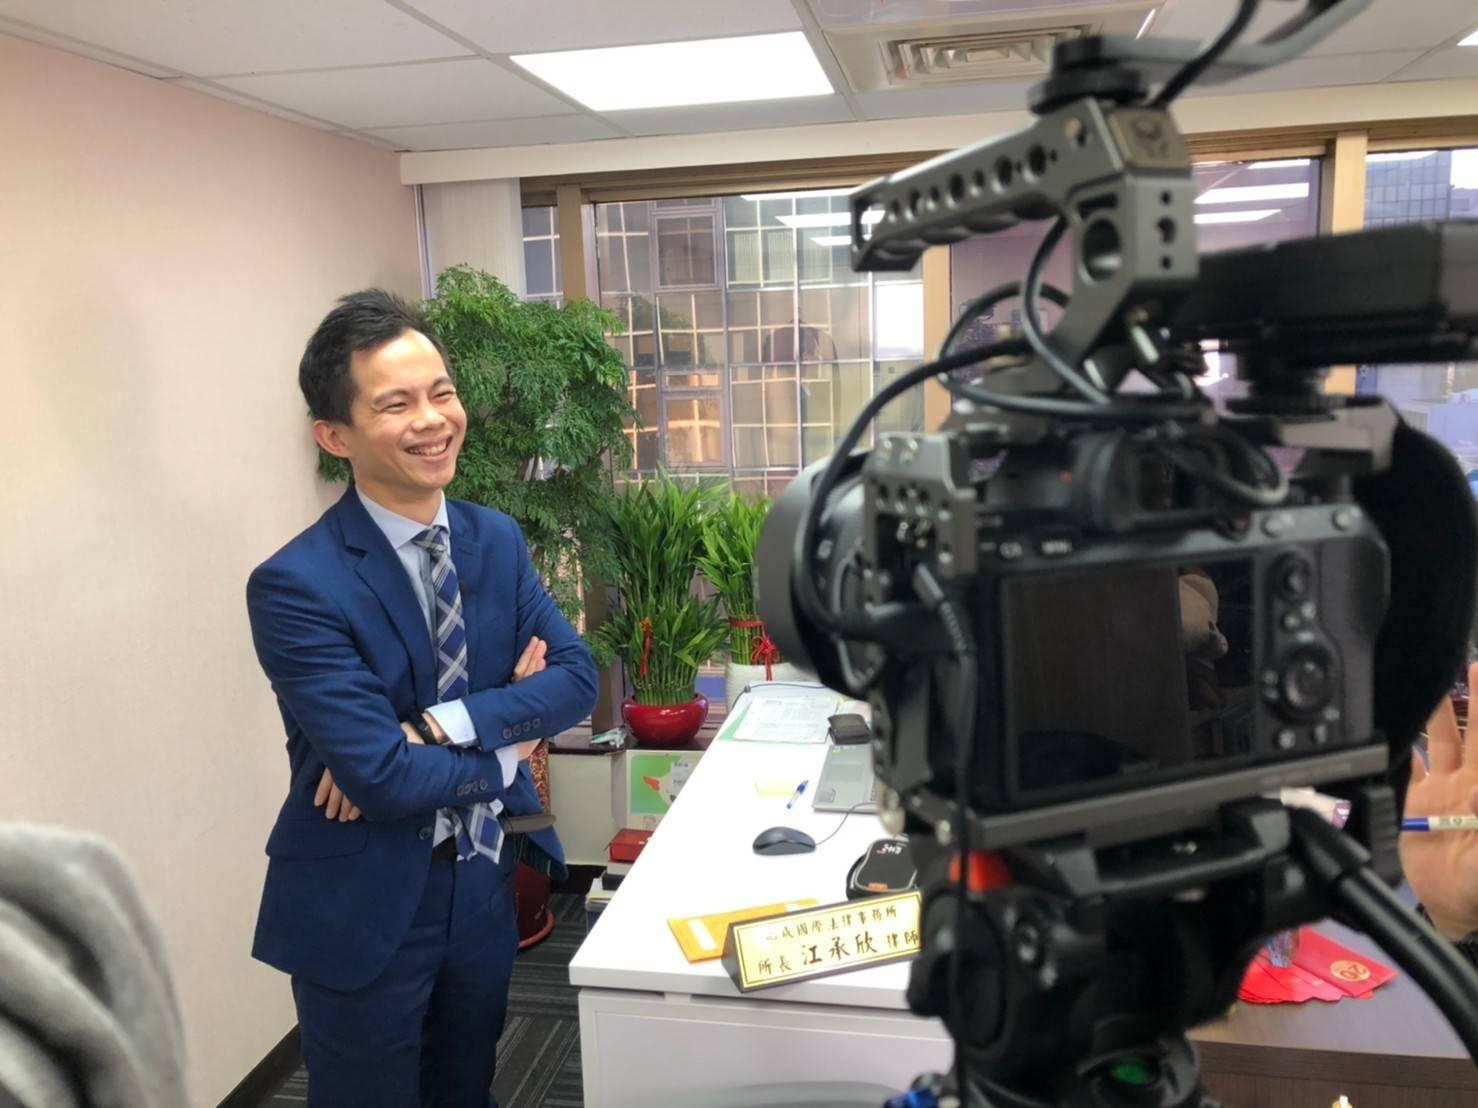 星澤國際-讓世界都看見-電視專訪節目-心成律師-游祈盛與楊含容監督製作